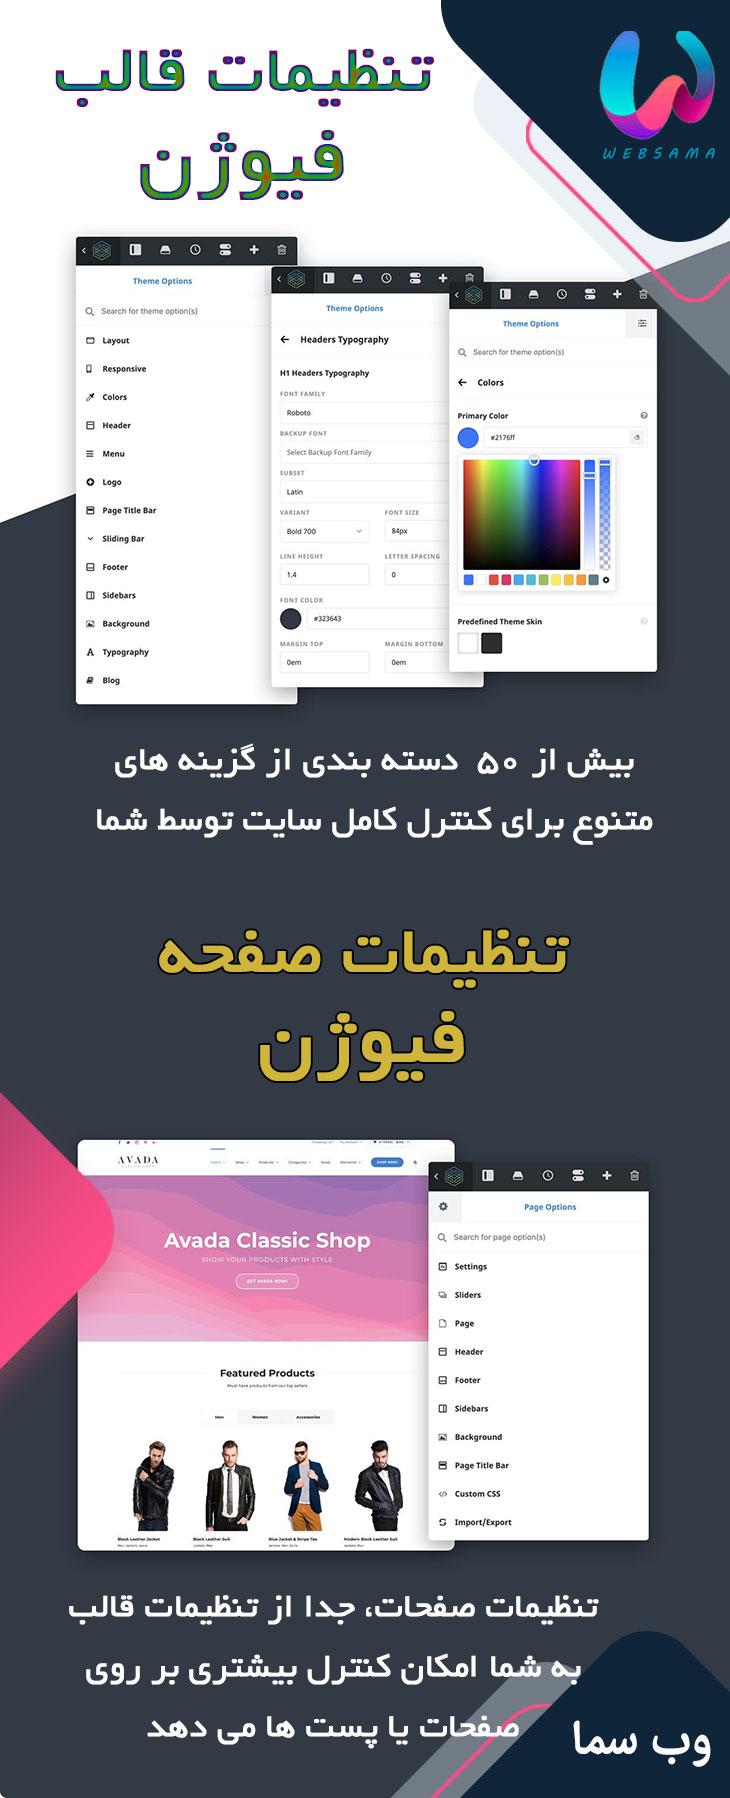 تنظیمات قالب و صفحه فیوژن تم Avada